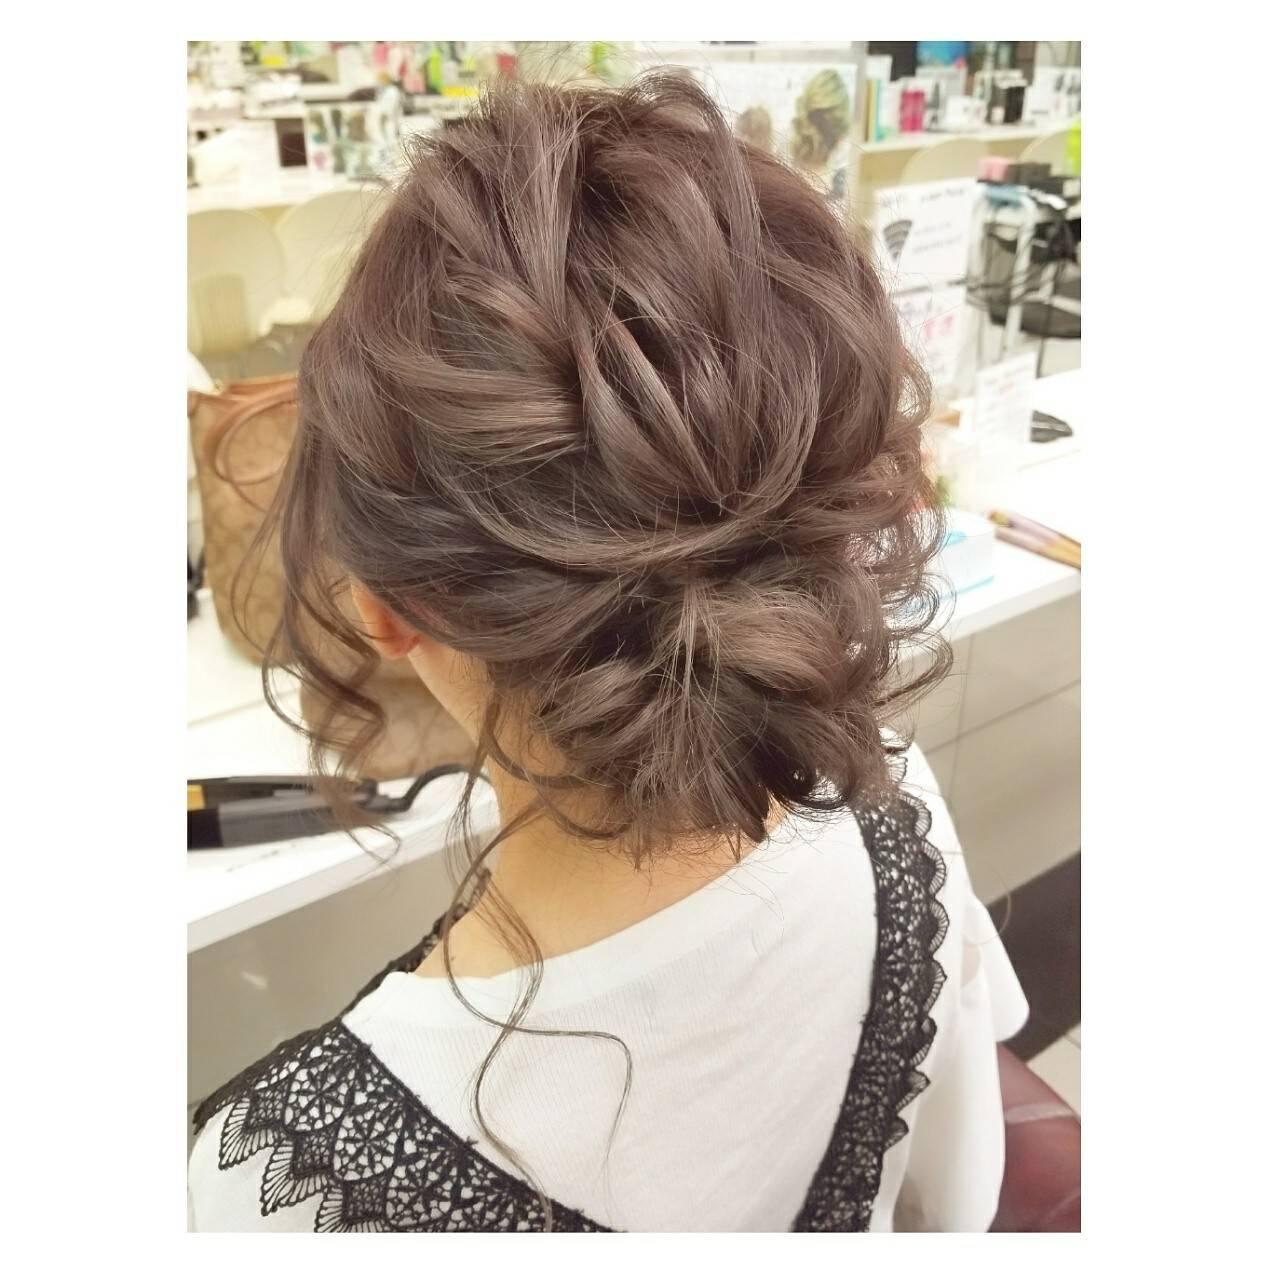 エレガント ハロウィン ヘアアレンジ スポーツヘアスタイルや髪型の写真・画像